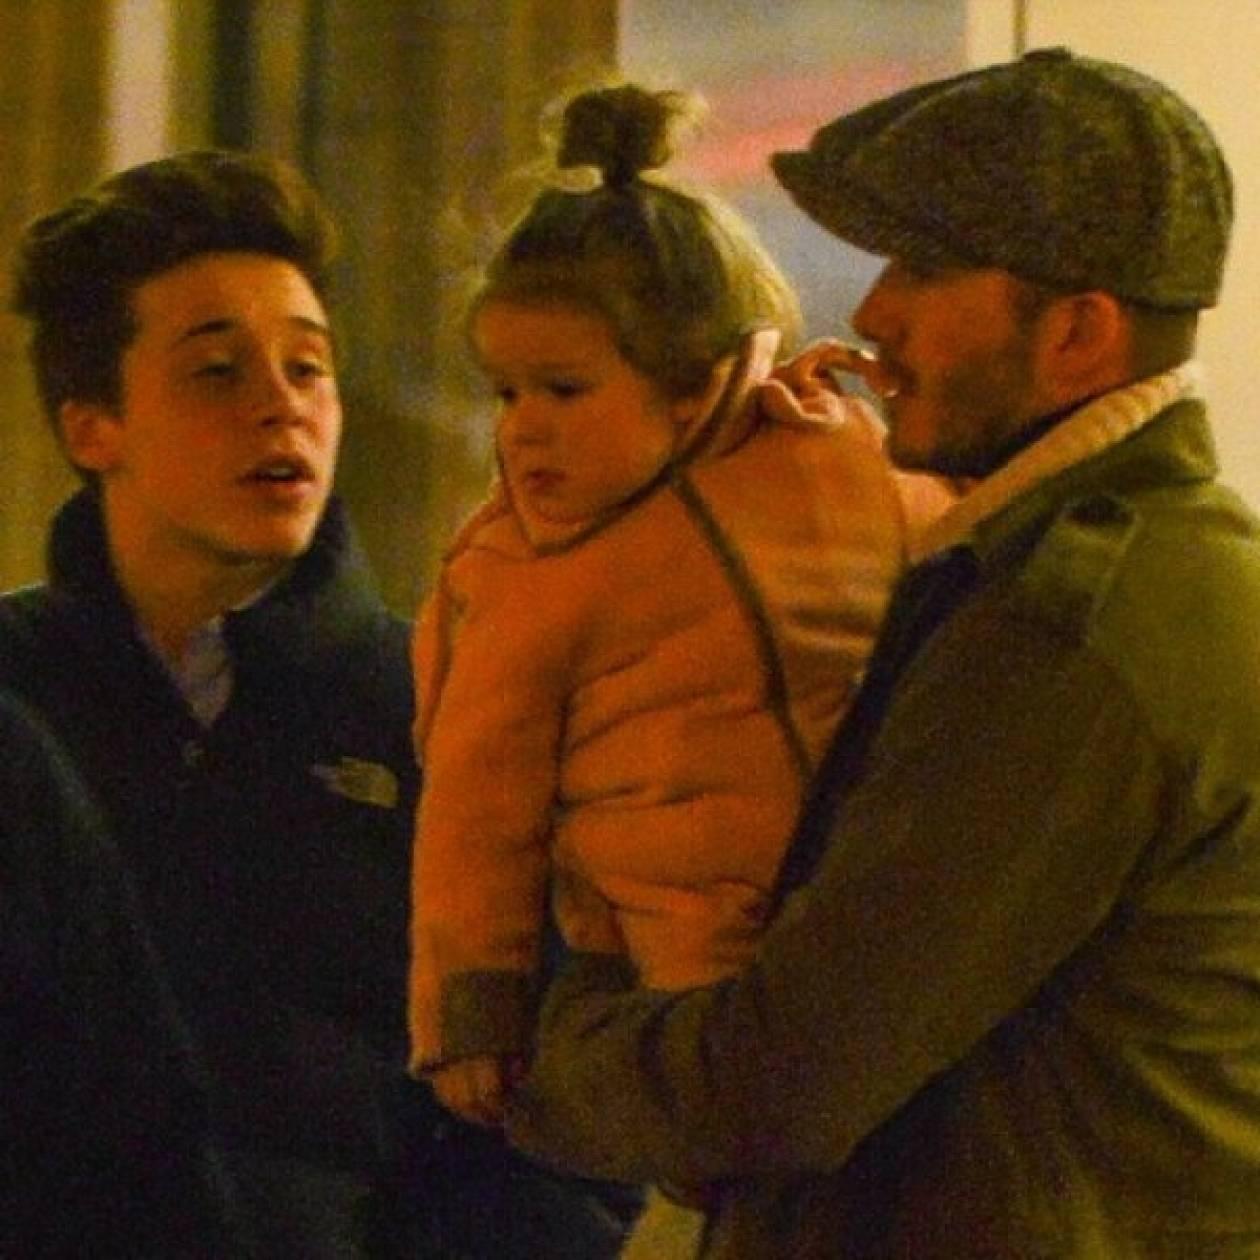 H Harper είναι η πριγκίπισσά του! Ο Beckham είναι δοτικός μπαμπάς